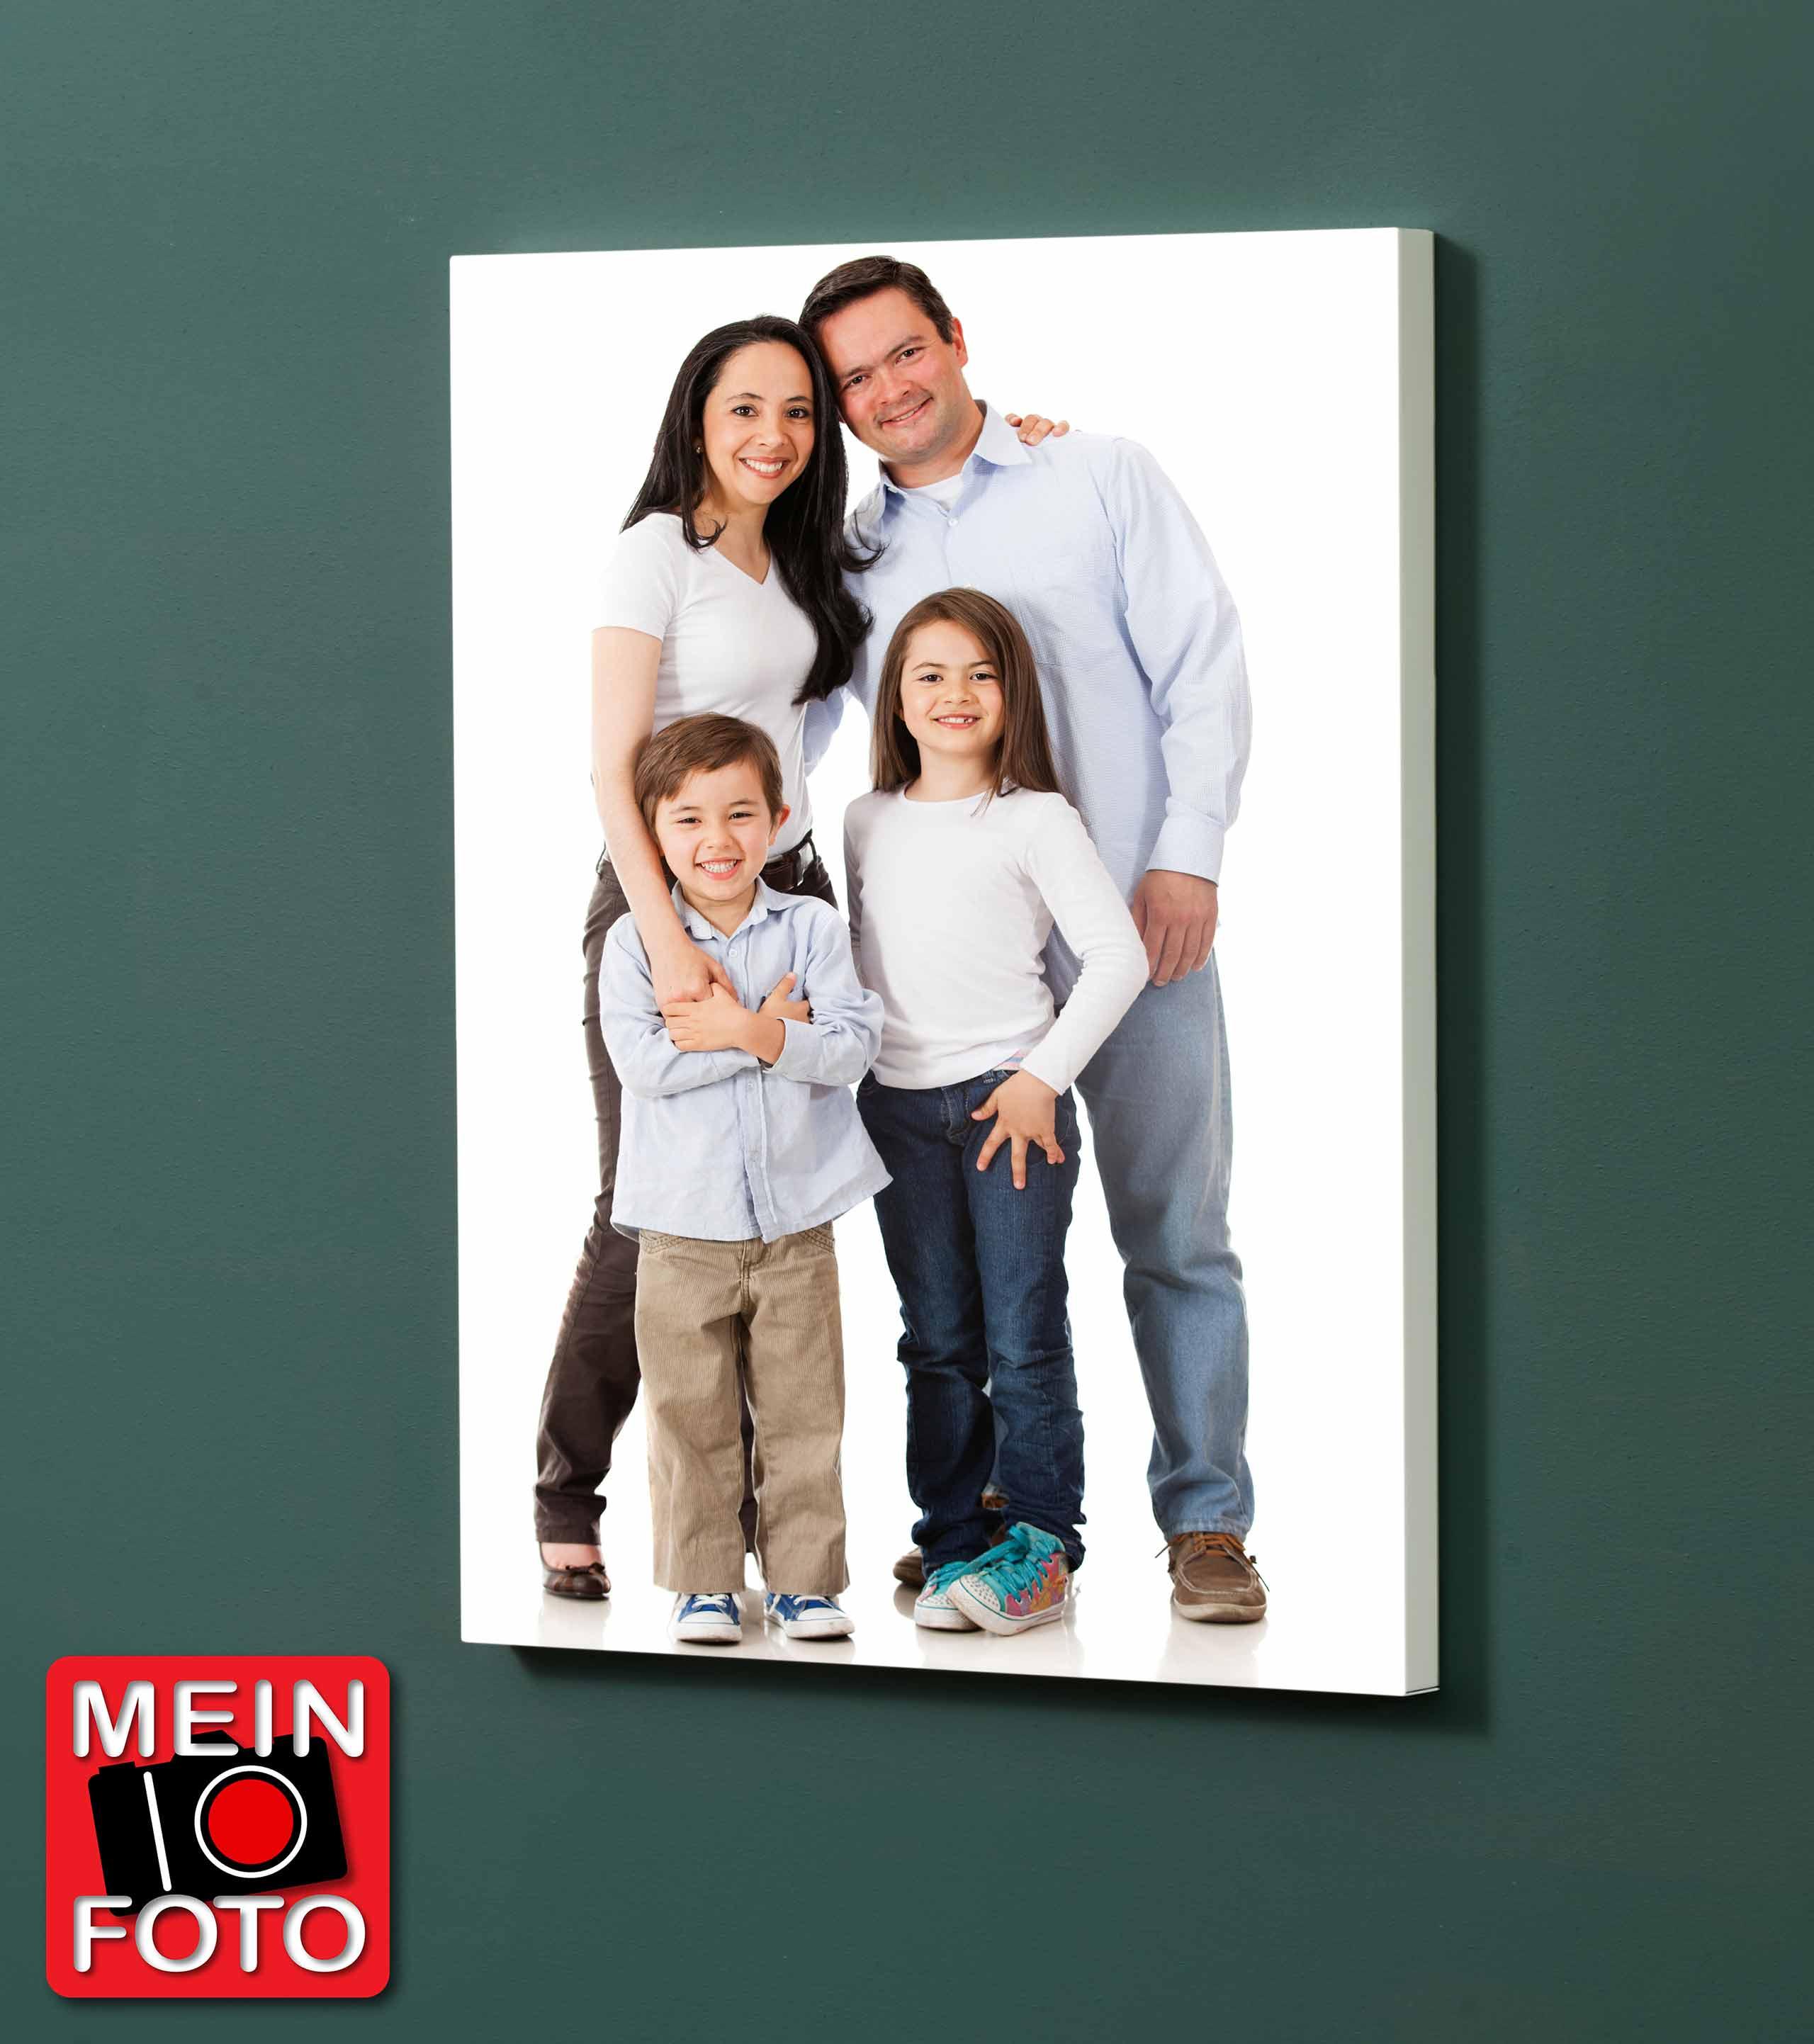 """Magnettafel NOTIZ 40x60cm Motiv """"Mein Foto"""" Motiv-Pinnwand"""